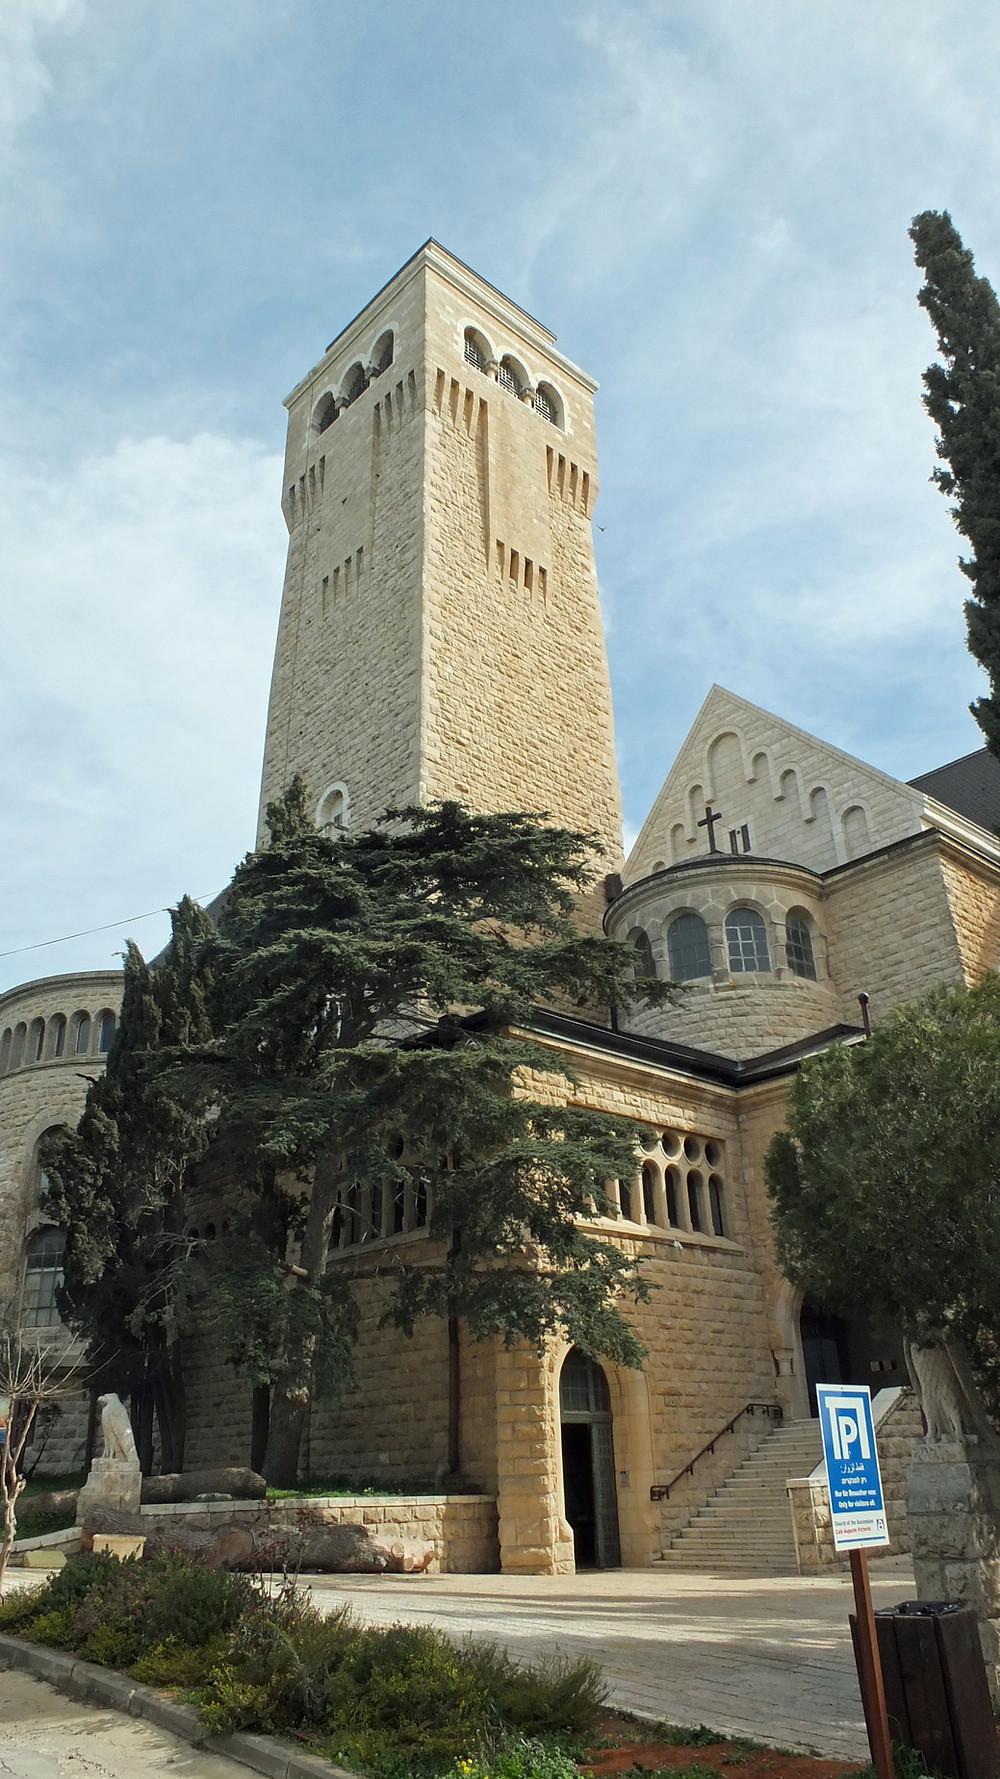 Auguste Viktoria Kirche und Krankenhaus